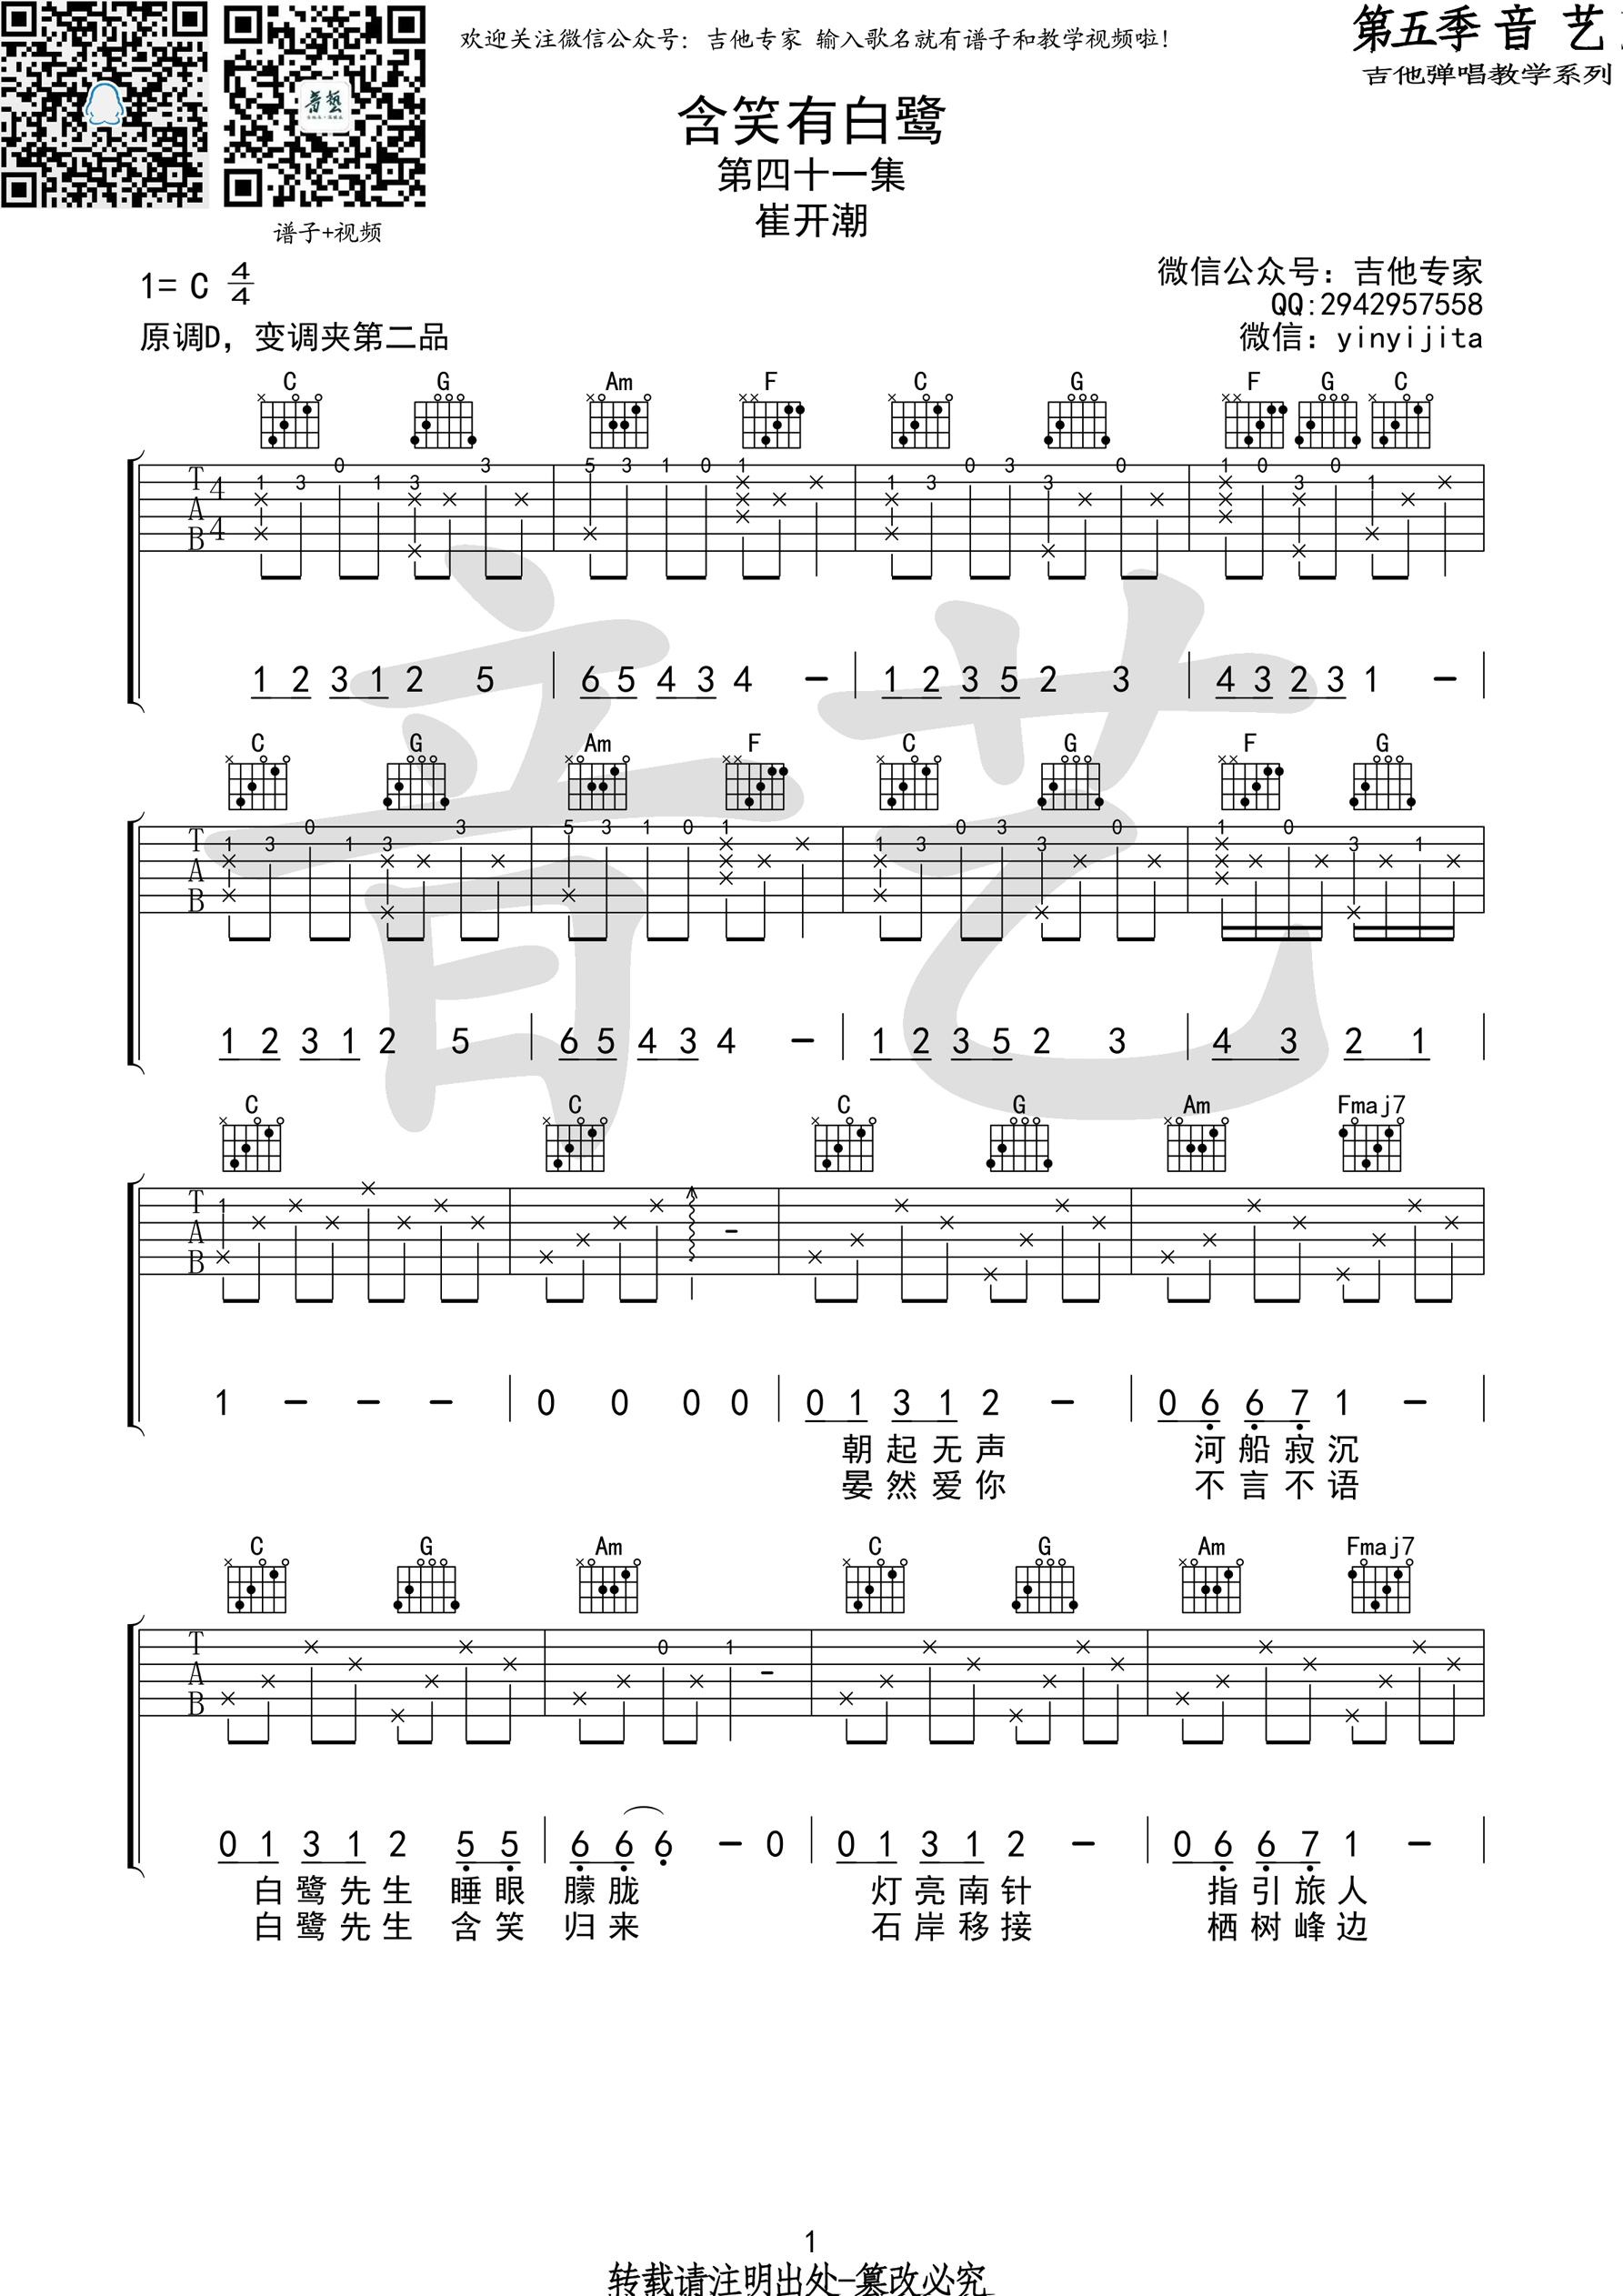 崔开潮《含笑有白鹭》吉他谱 C调原版吉他弹唱谱1